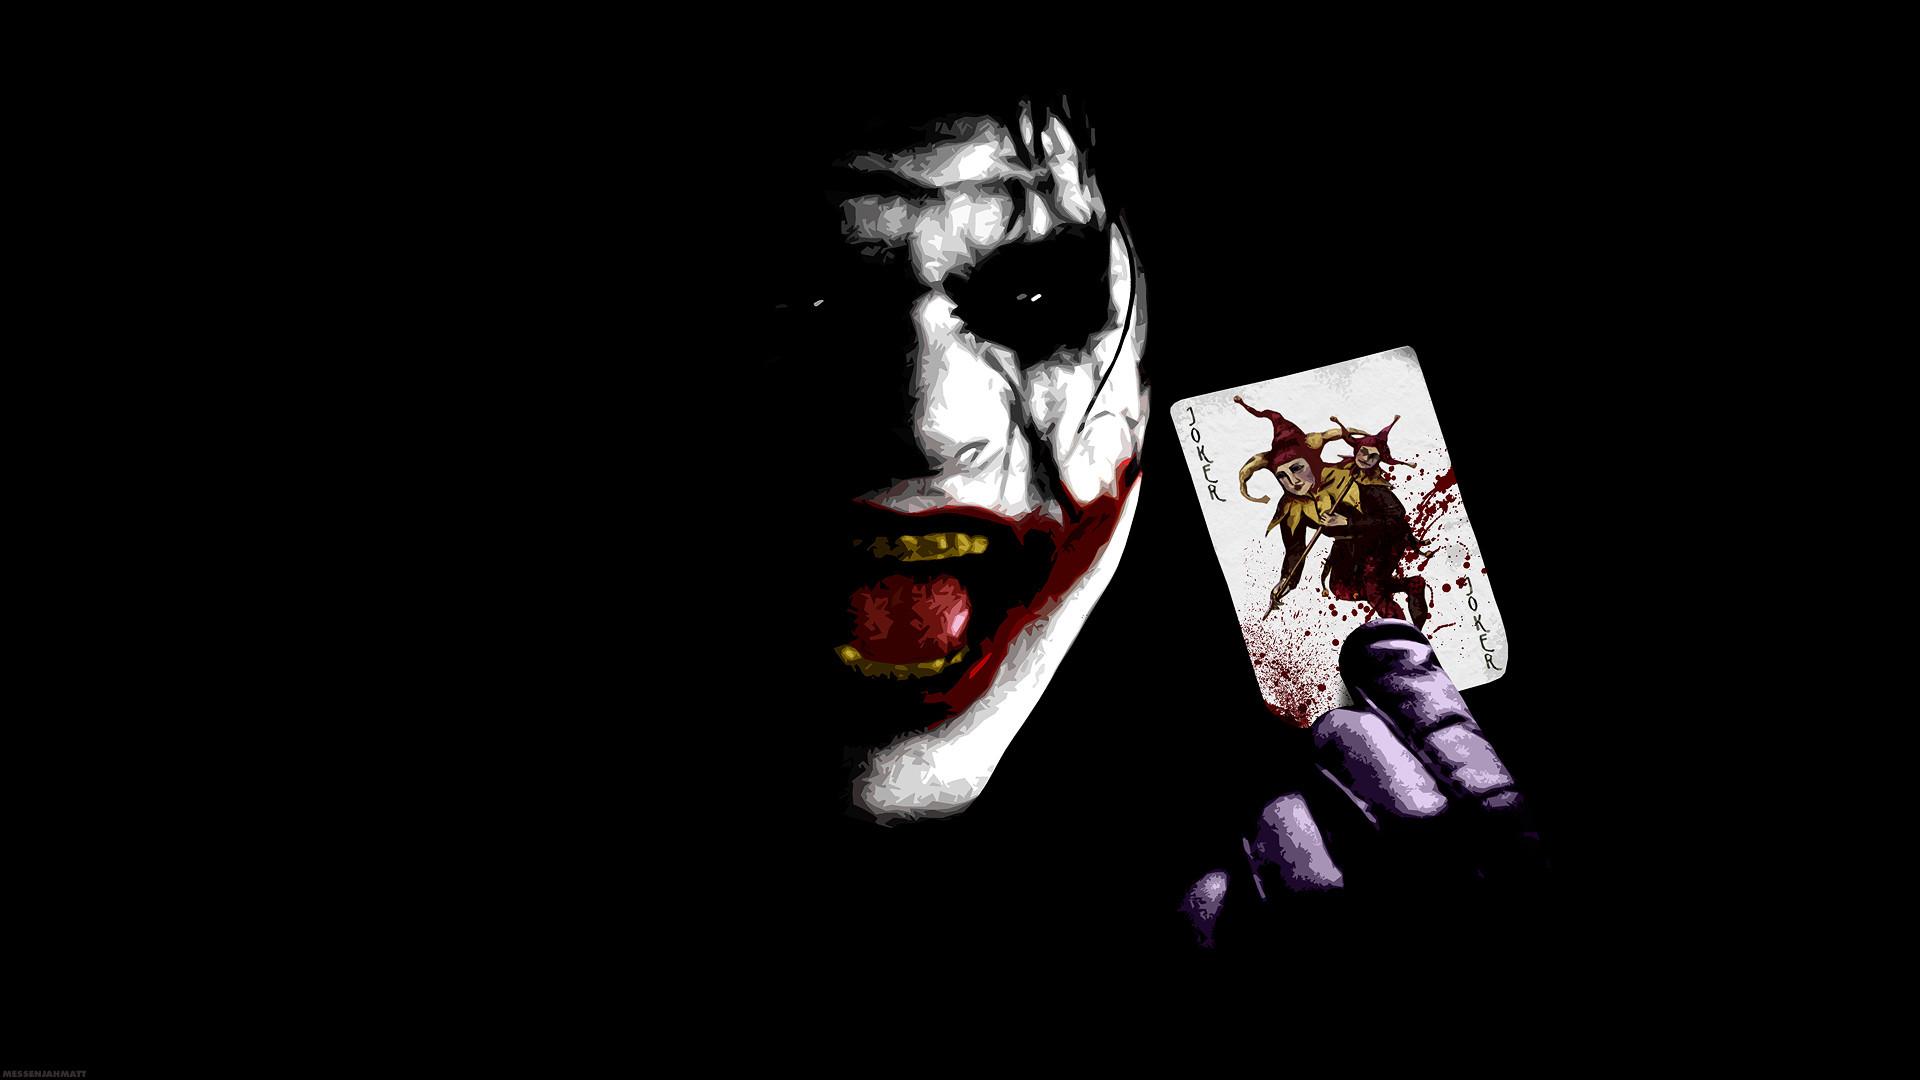 Joker Animated Wallpaper